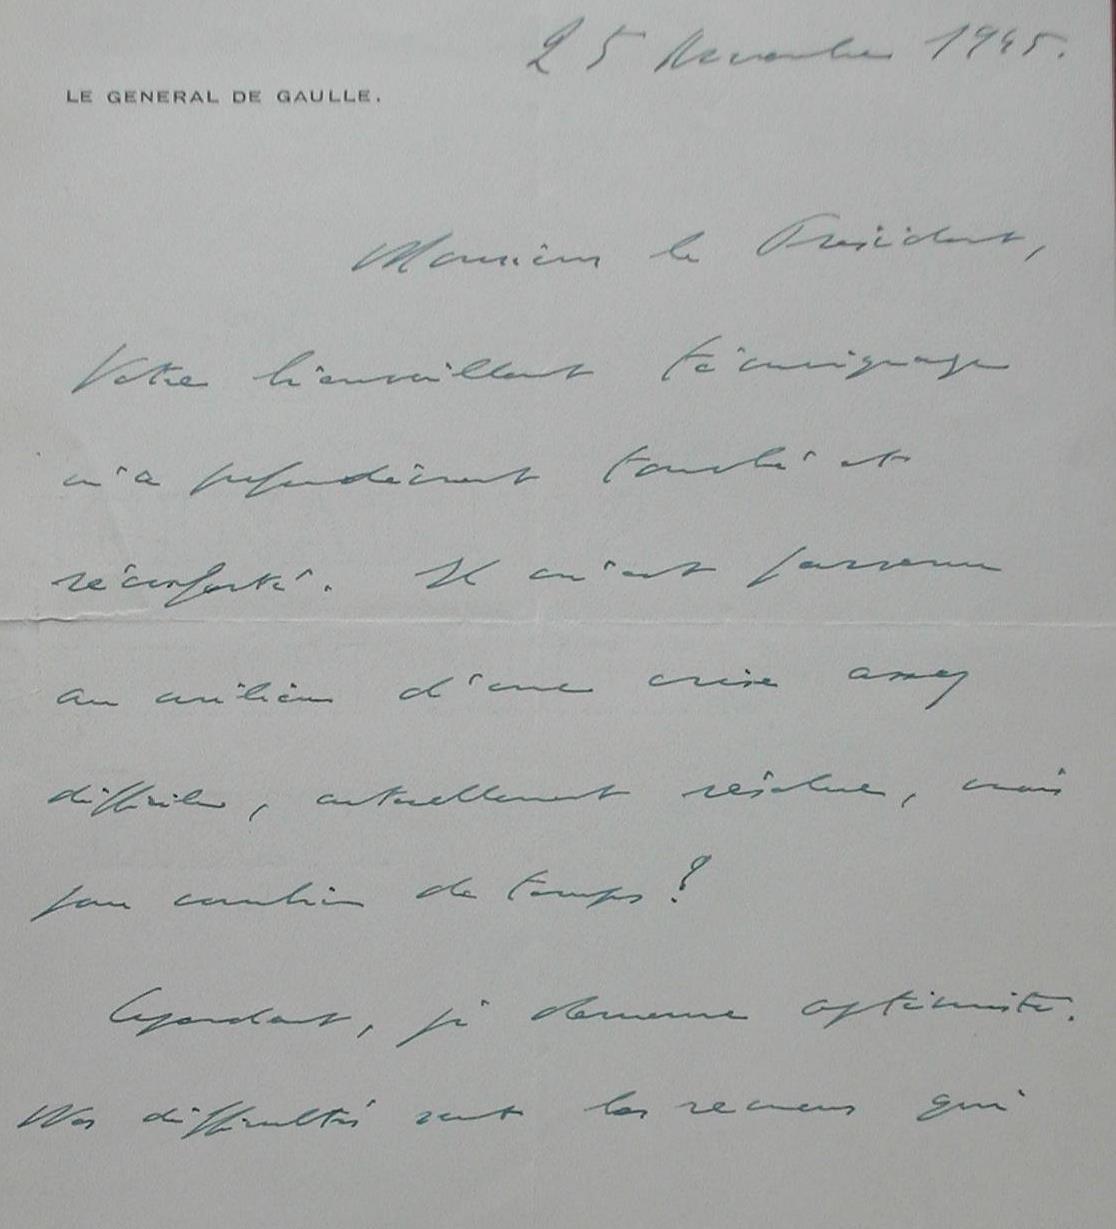 Lettre de Gaulle 25 novembre 1945 page 1.jpg